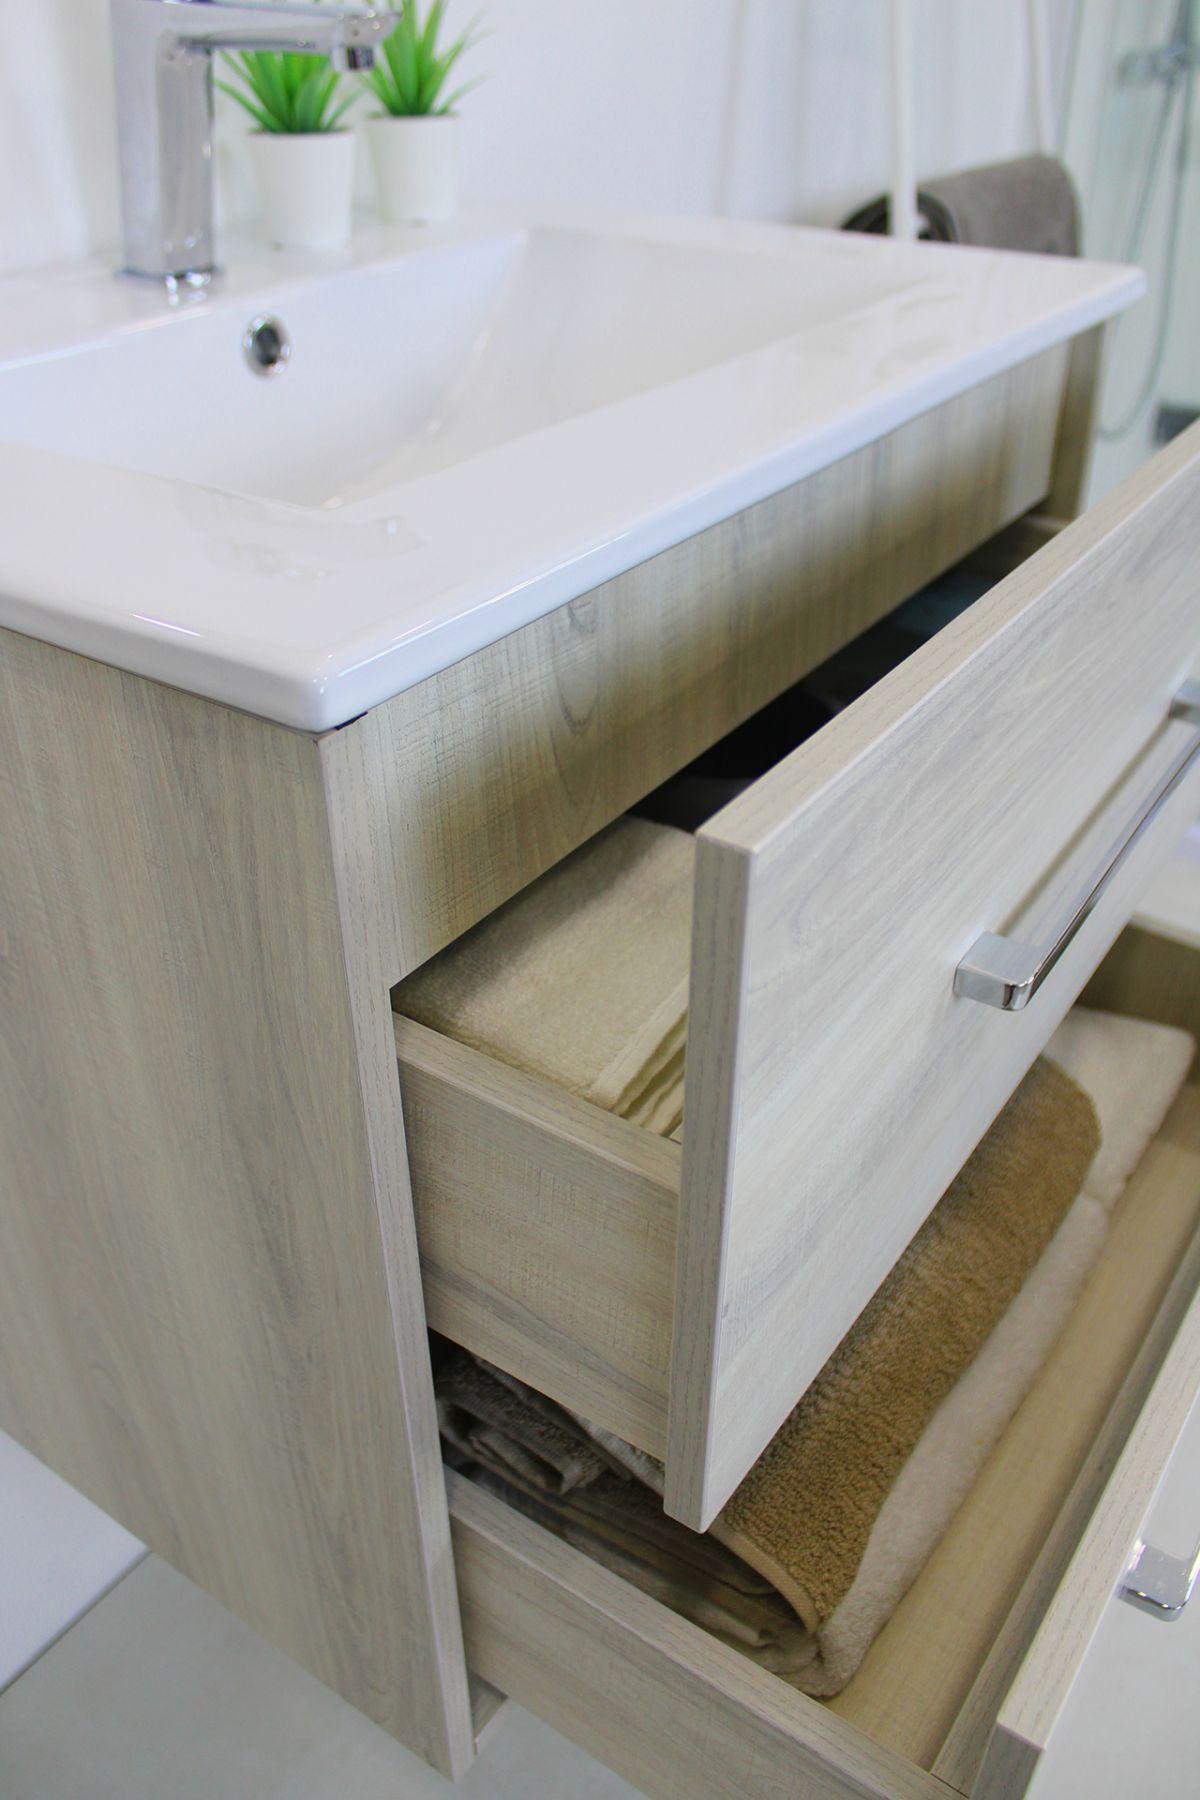 PRAGA 60 BIANCO LATERALE Mobile bagno Praga sospeso 60 cm bianco effetto legno con lavabo,specchio e colonna pensile